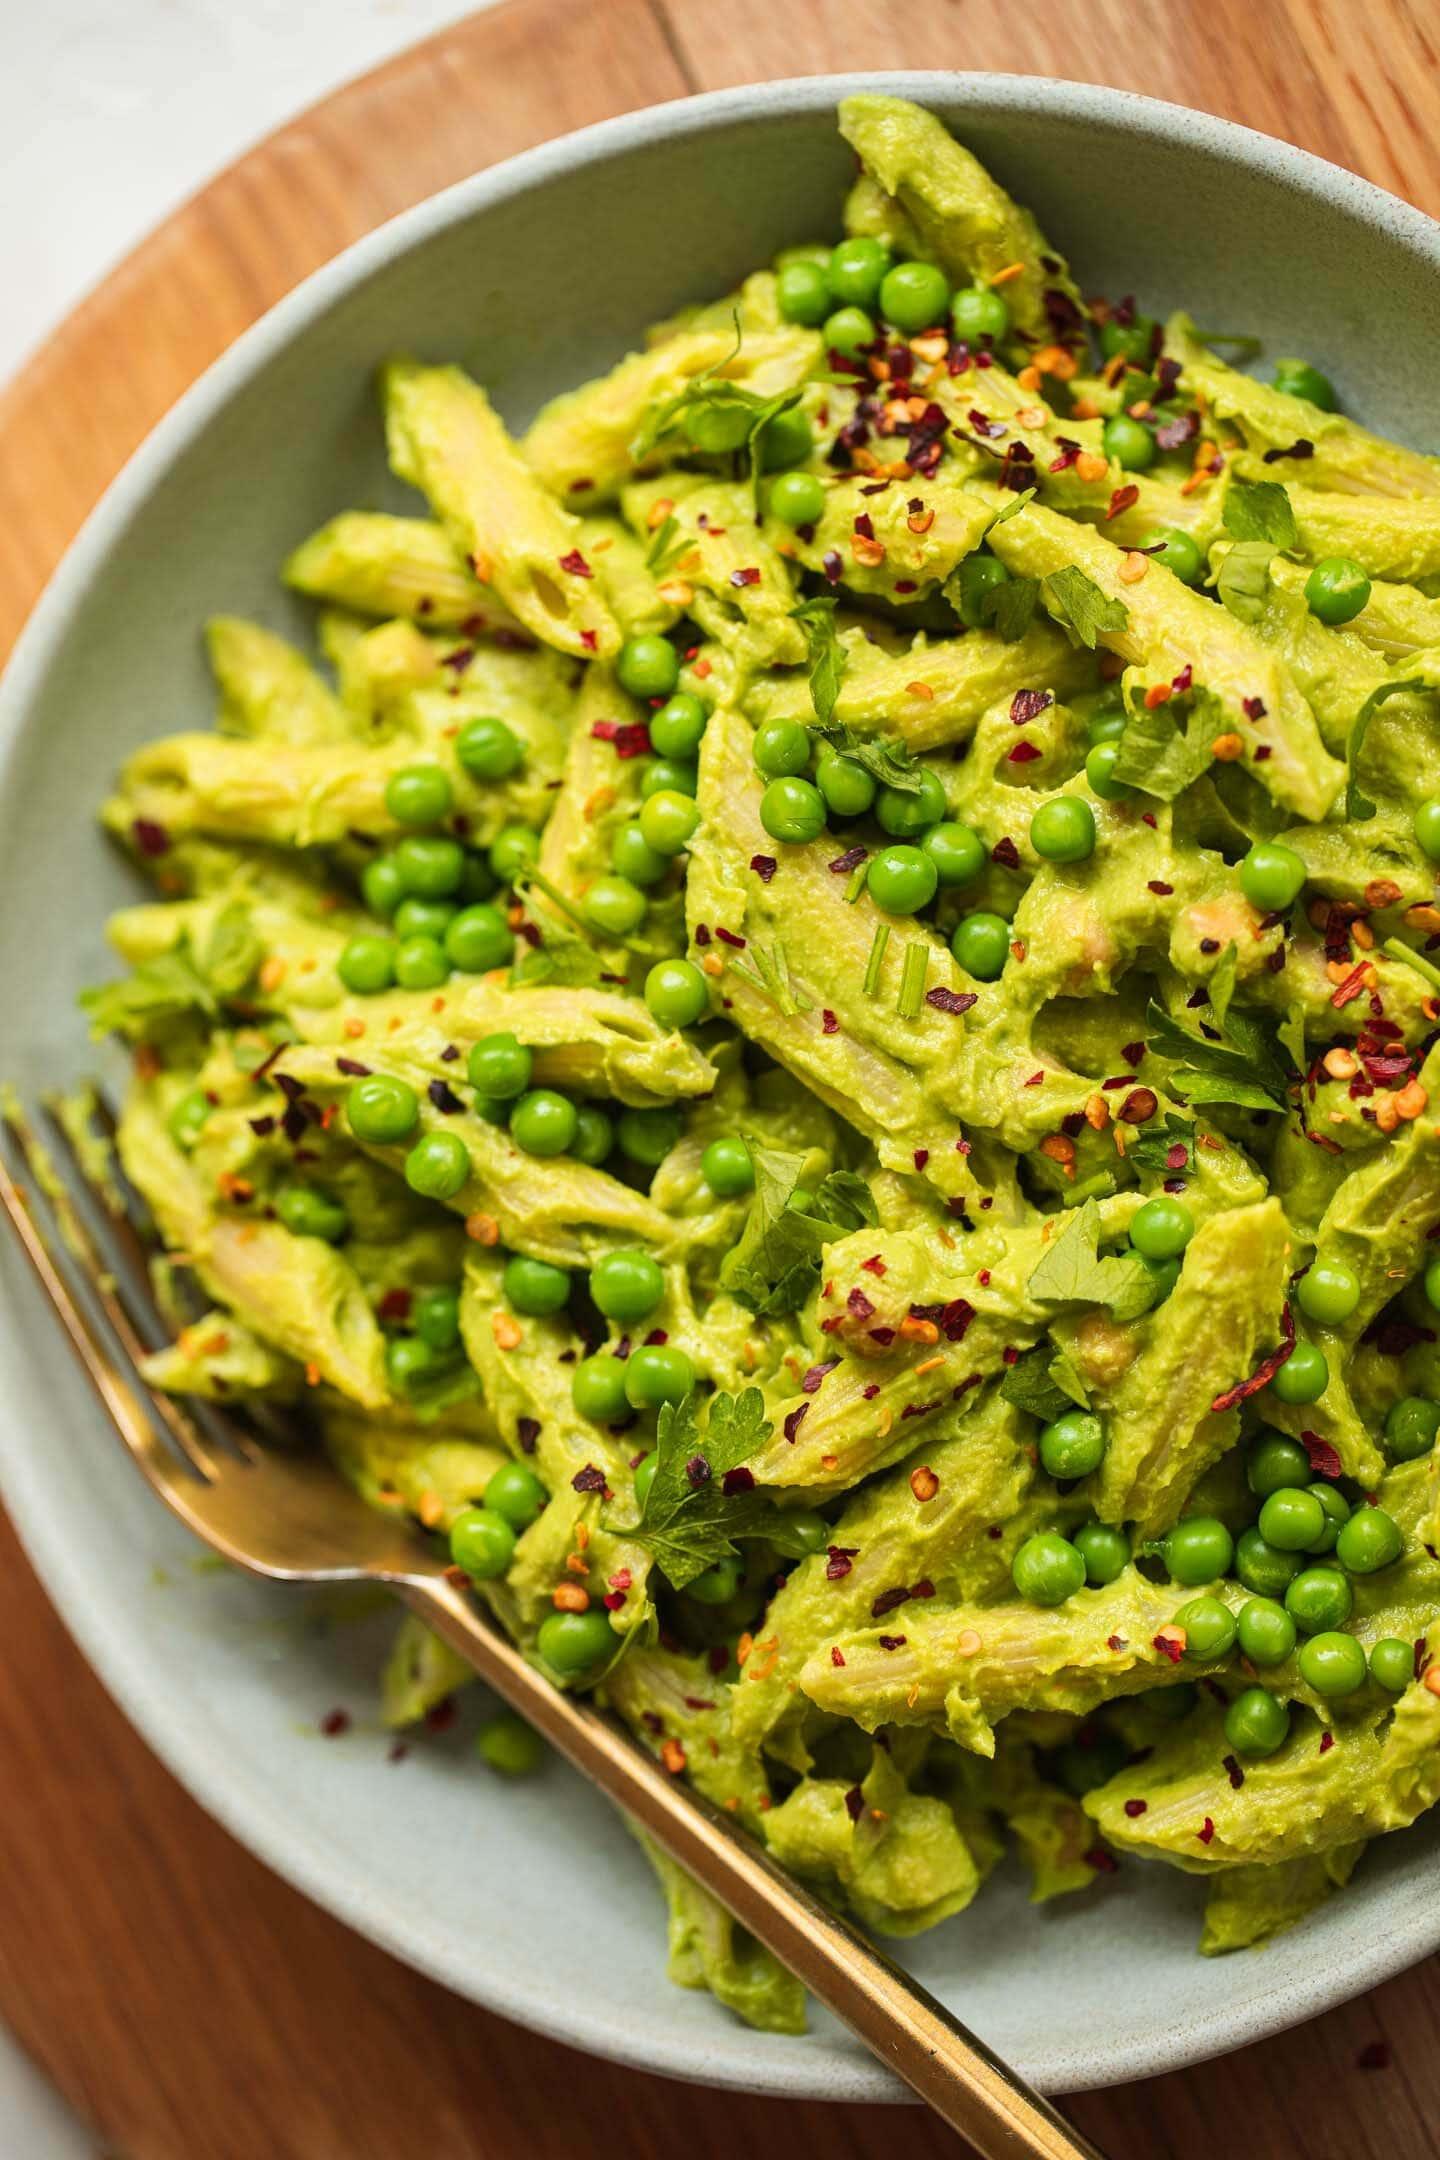 Bowl of vegan pasta with an avocado sauce